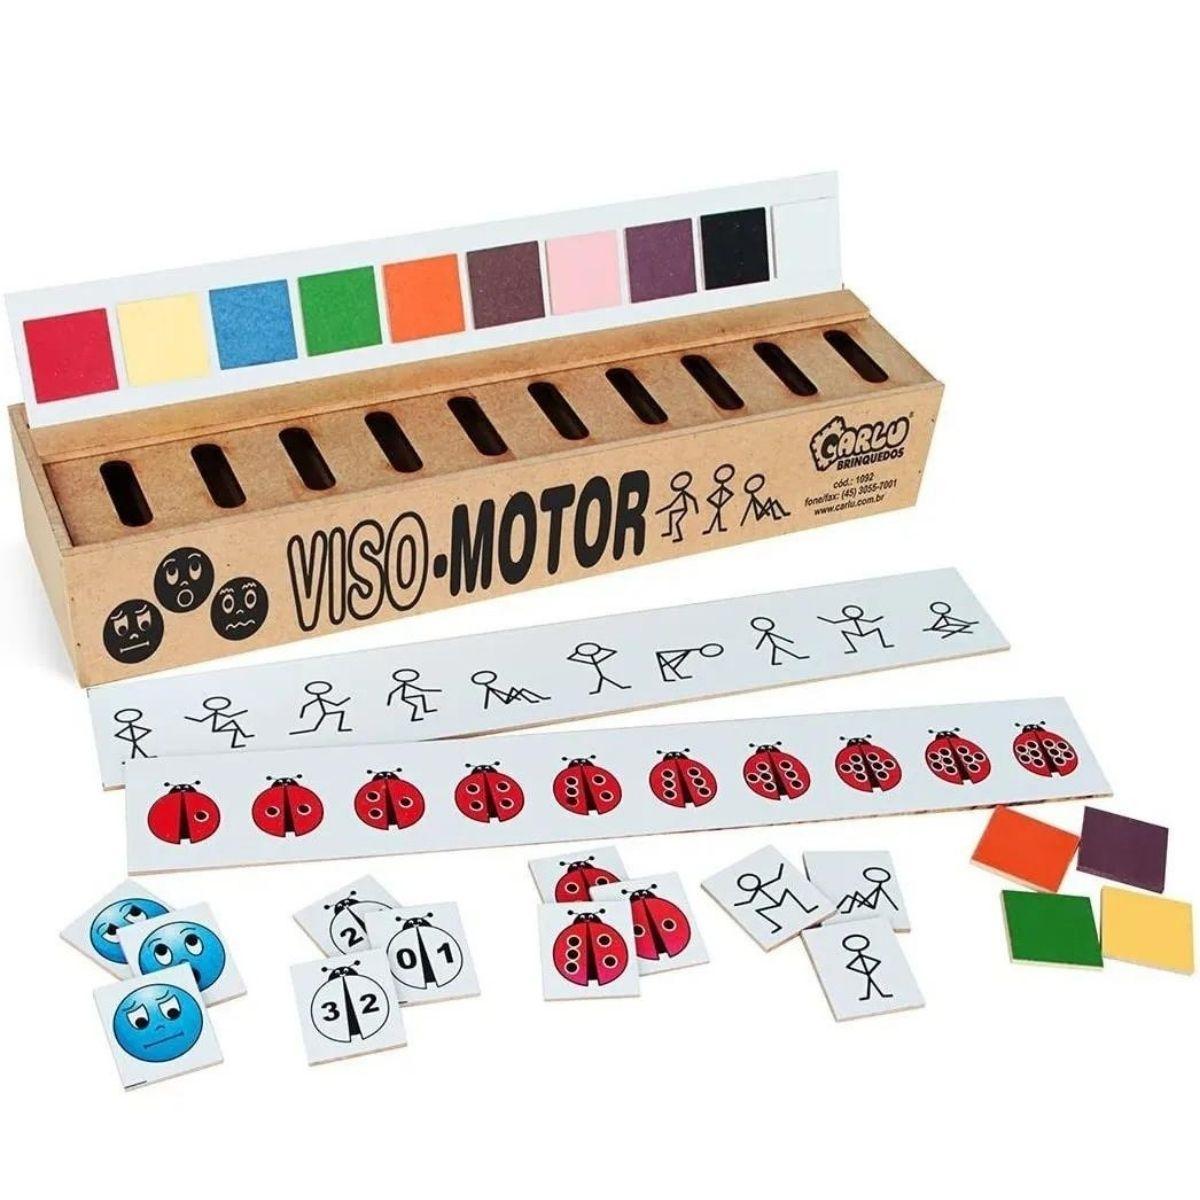 Jogo Pedagógico Viso Motor em MDF - 50 peças